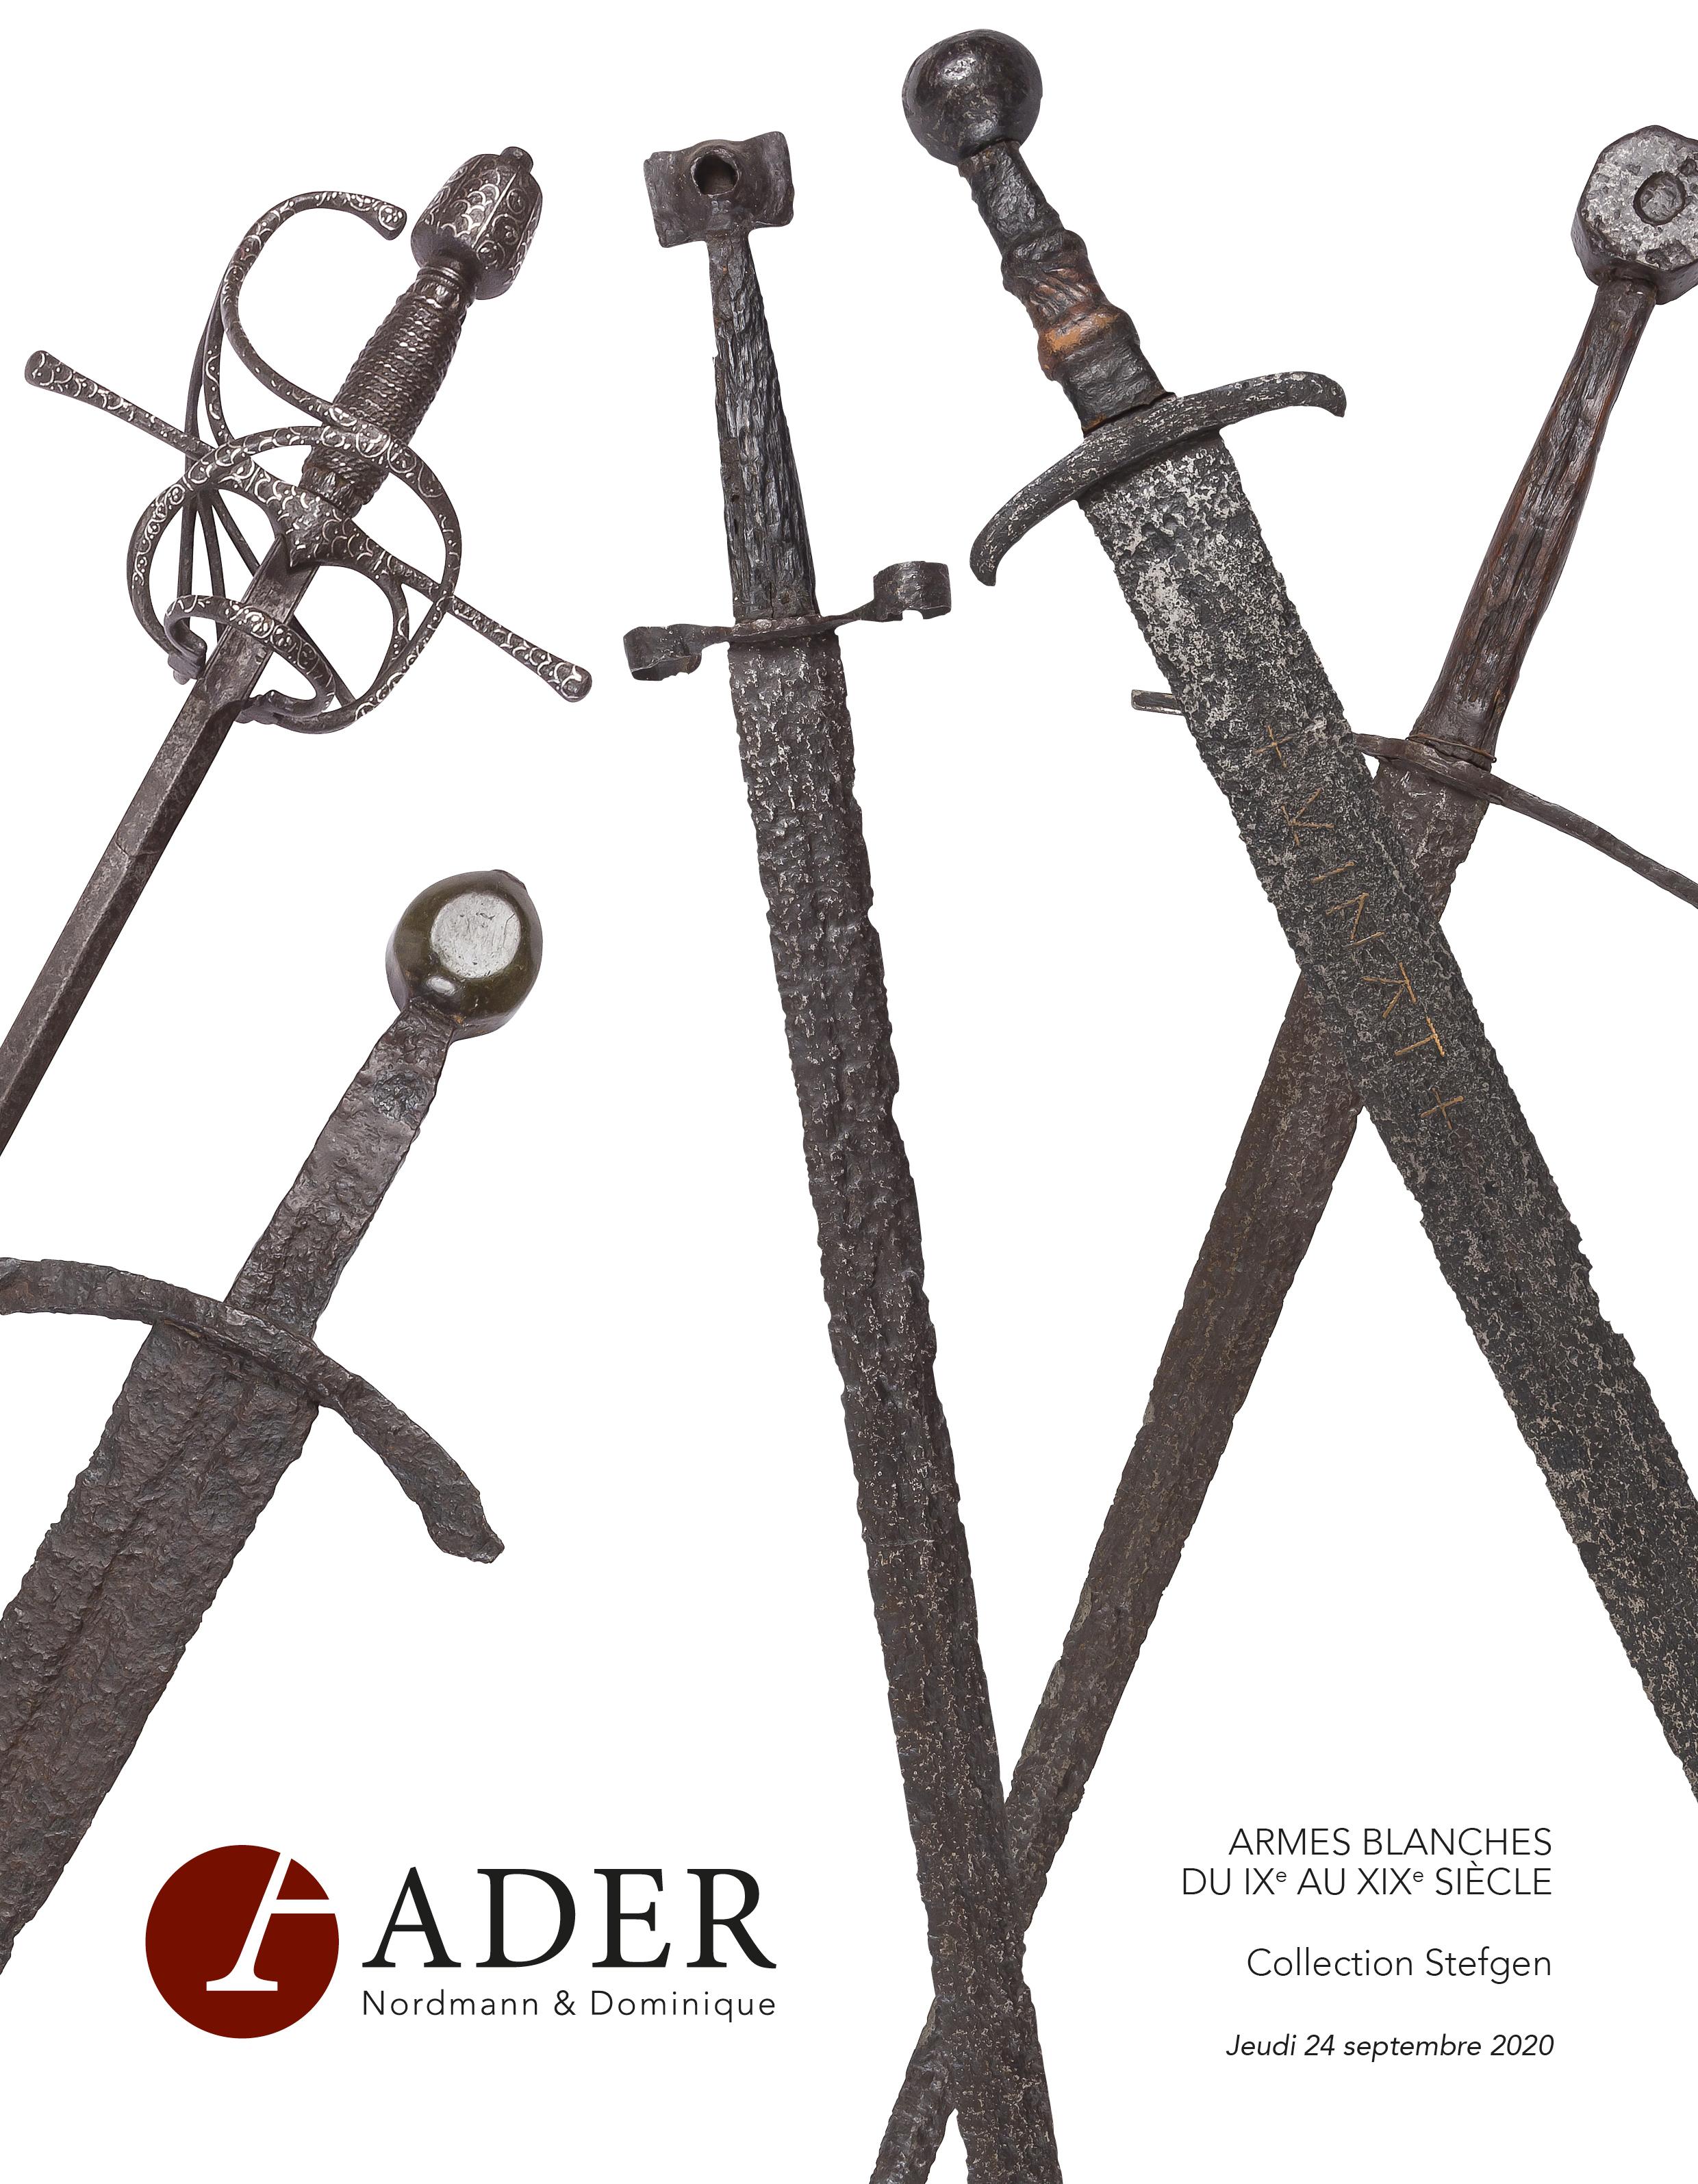 Vente Armes Blanches du IXe au XIXe siècle chez Ader : 119 lots